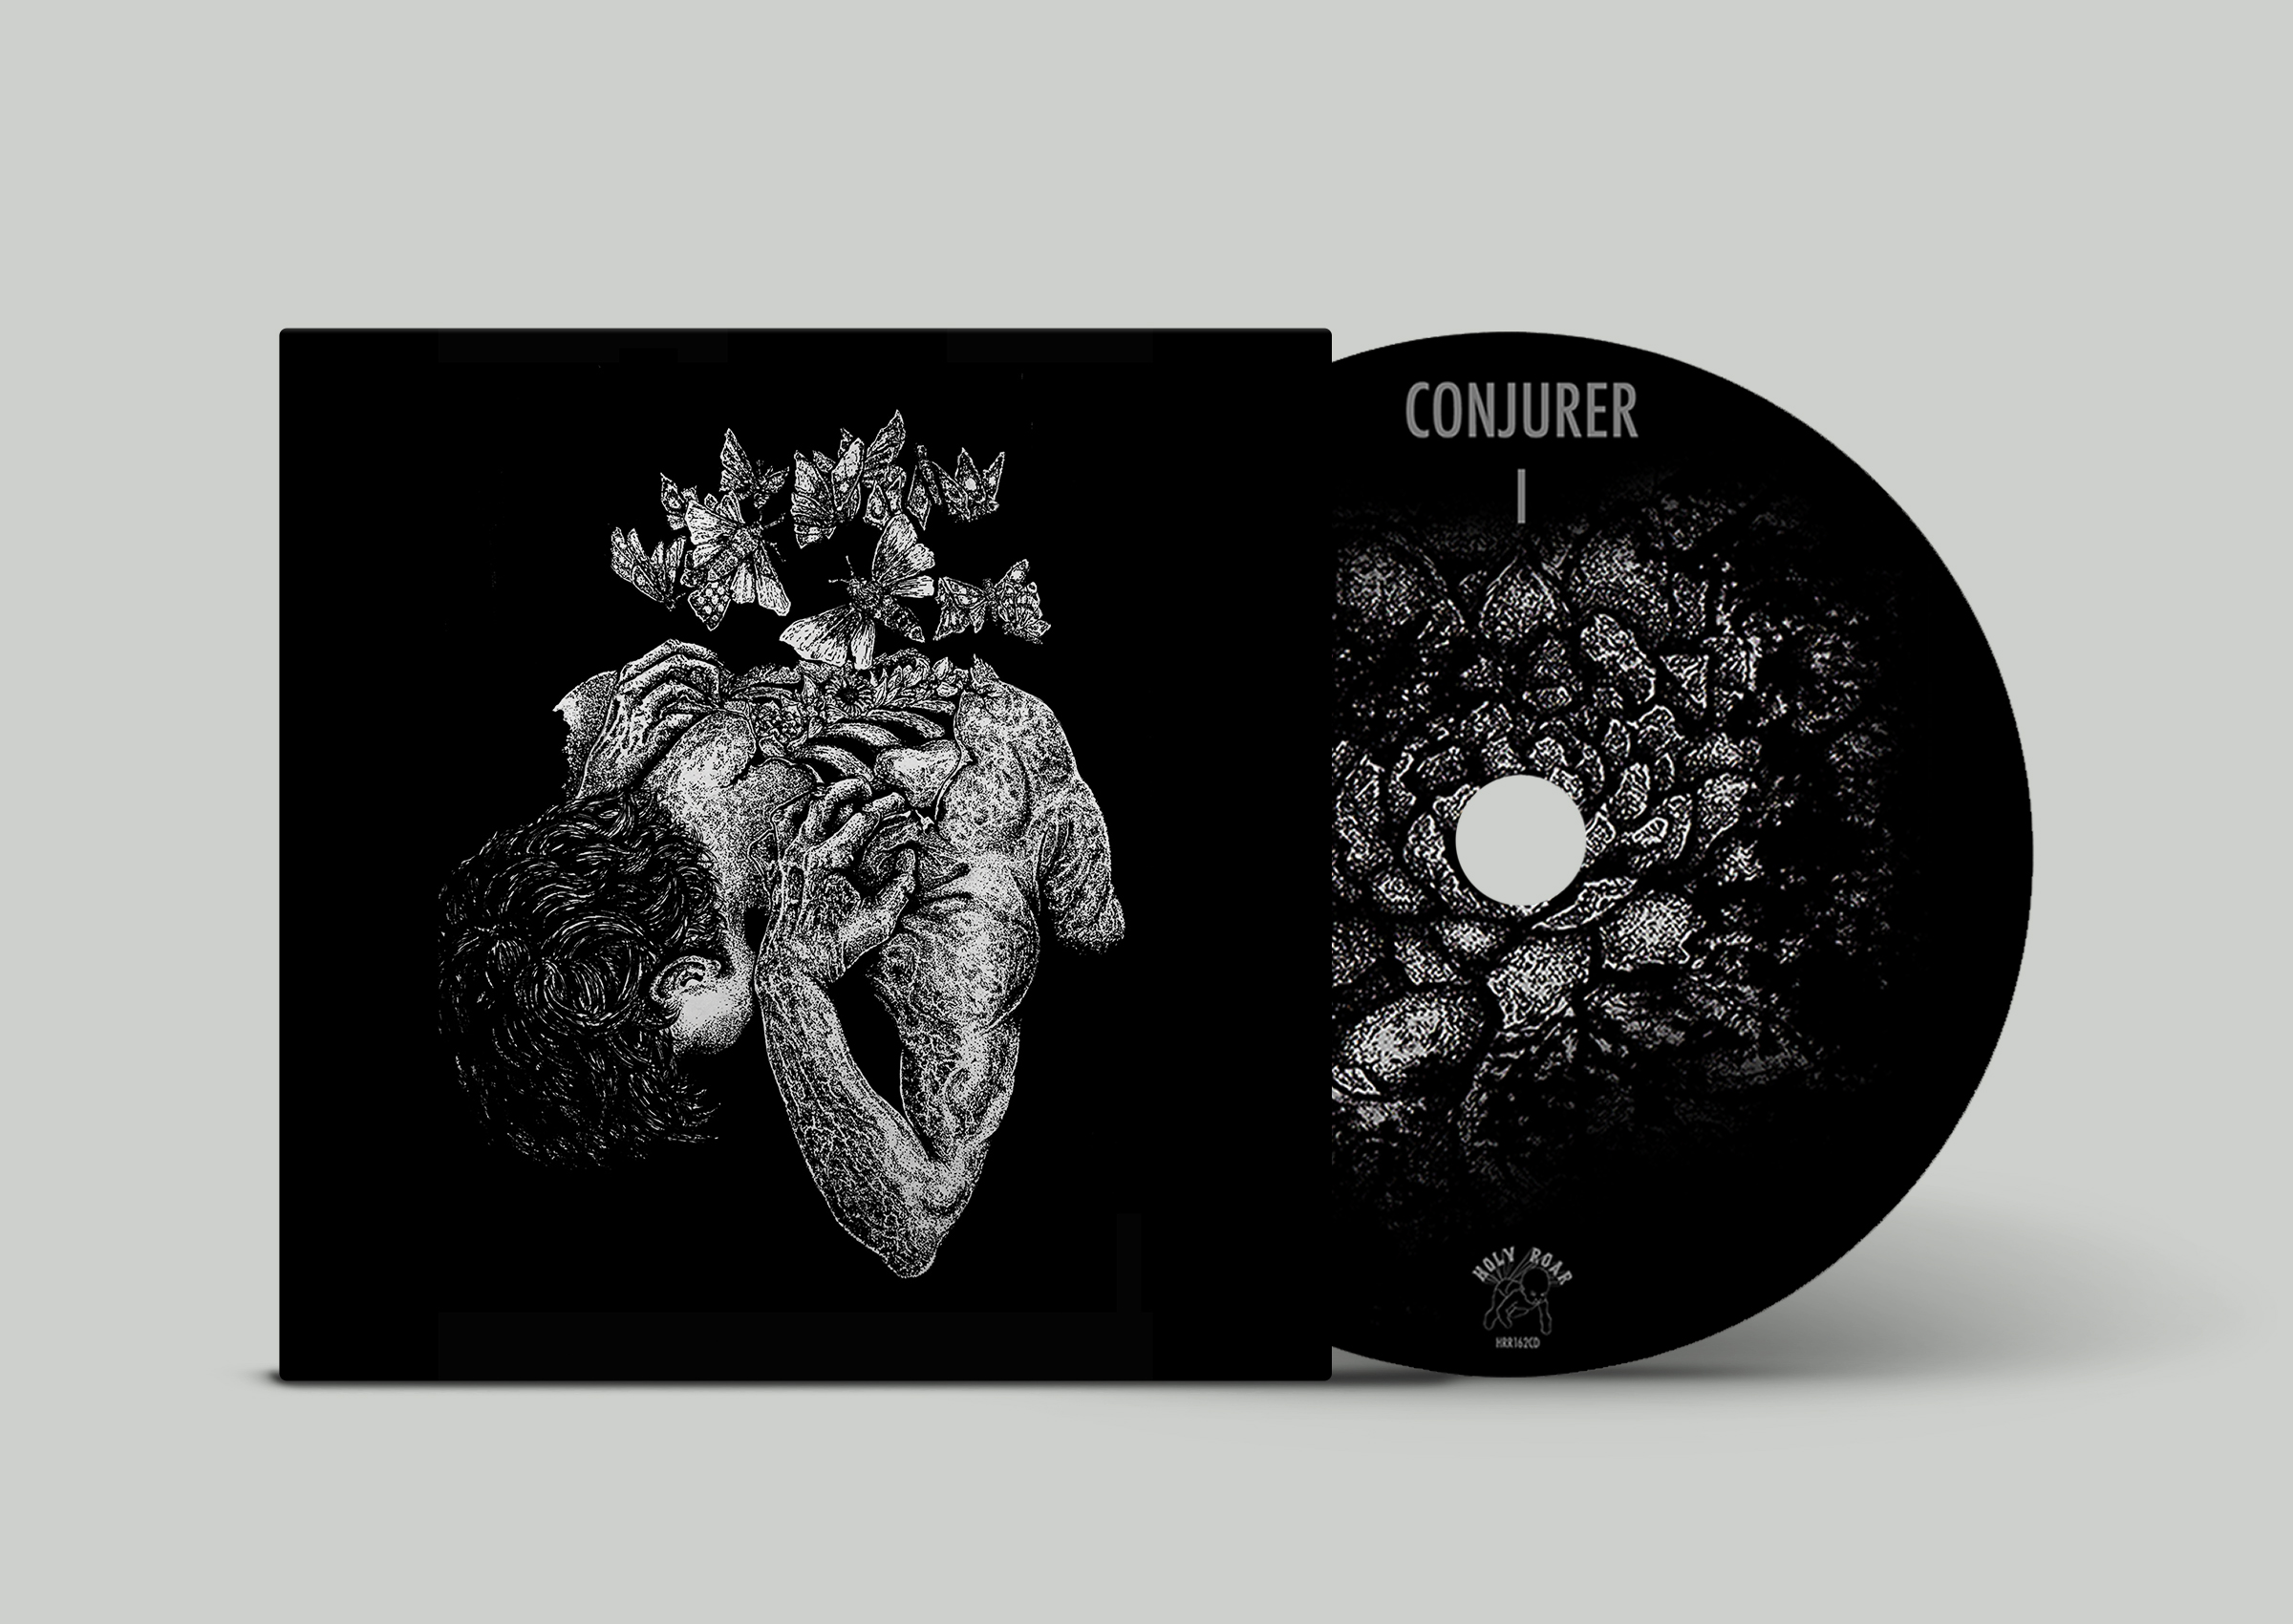 Conjurer - 'I'